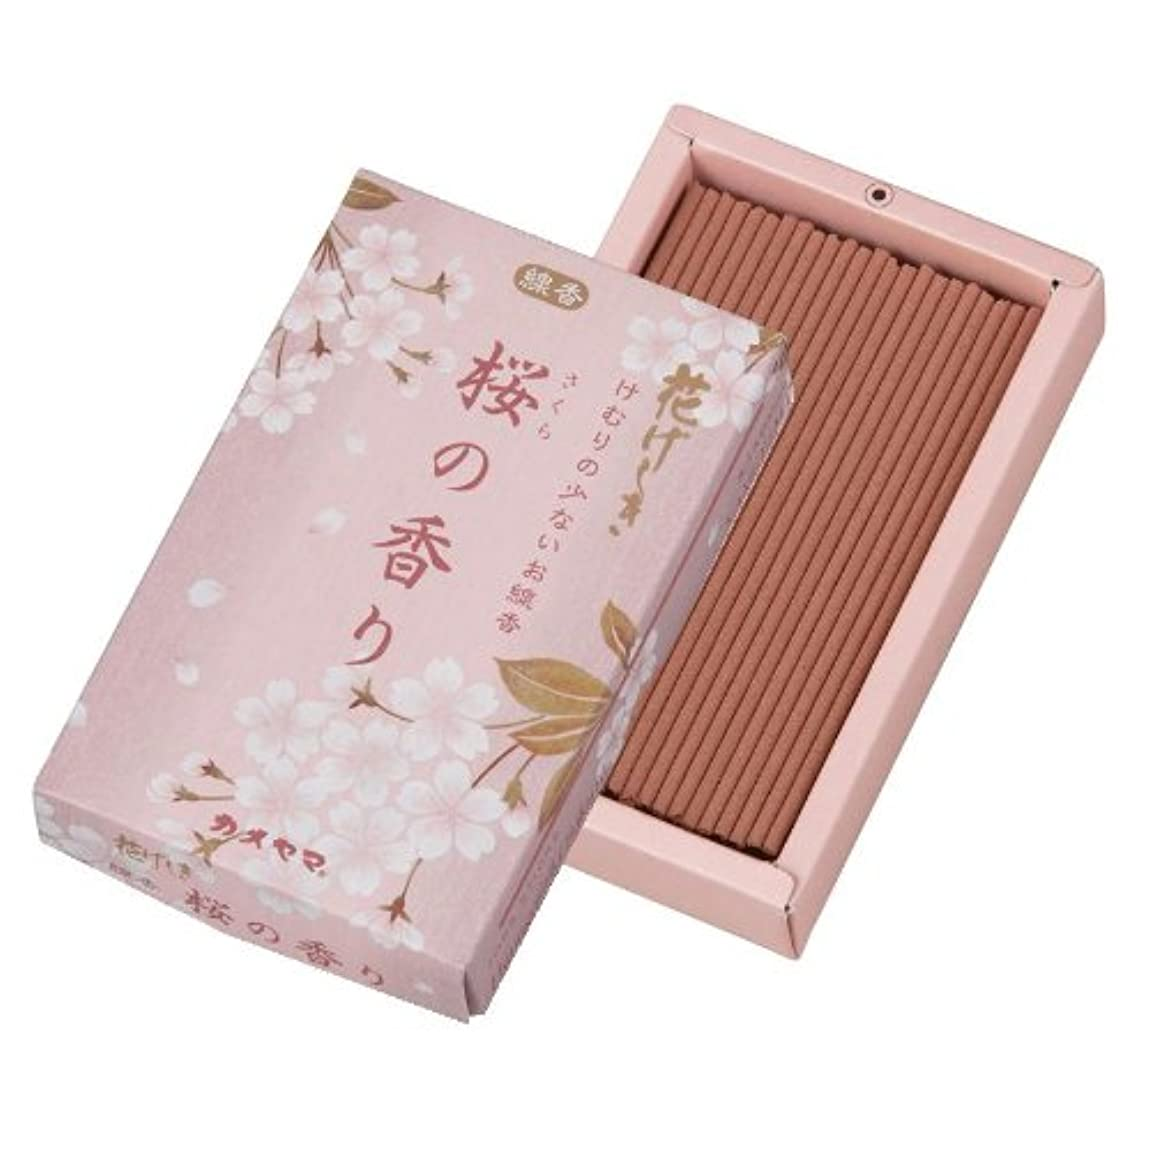 歩道と闘う反逆者花げしき 桜の香りミニ寸 50g